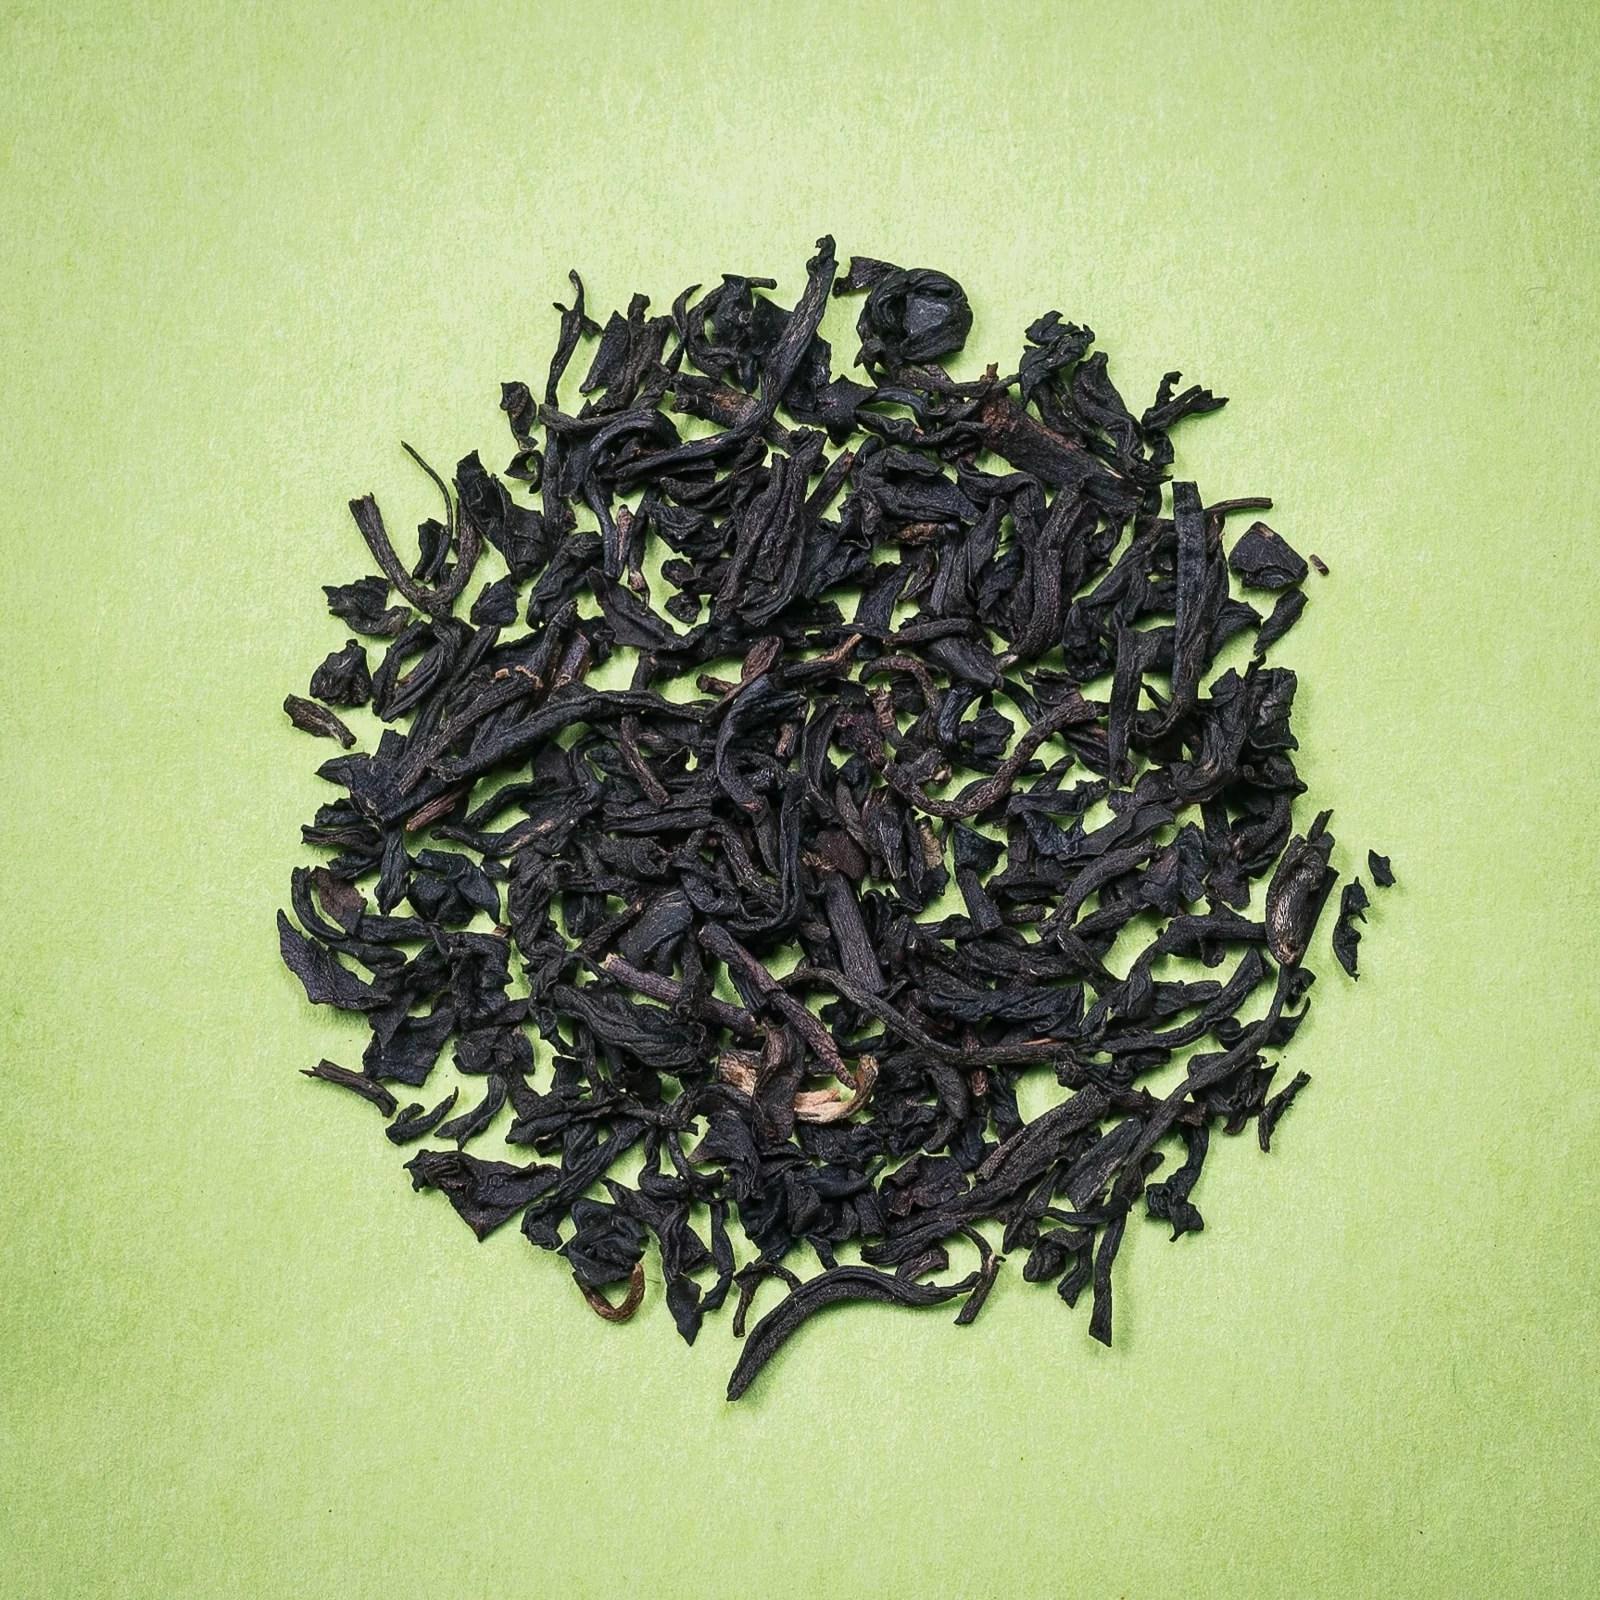 Anbassa-artisan-torrefacteur-the-noir-aromatise-Douchka-GUP